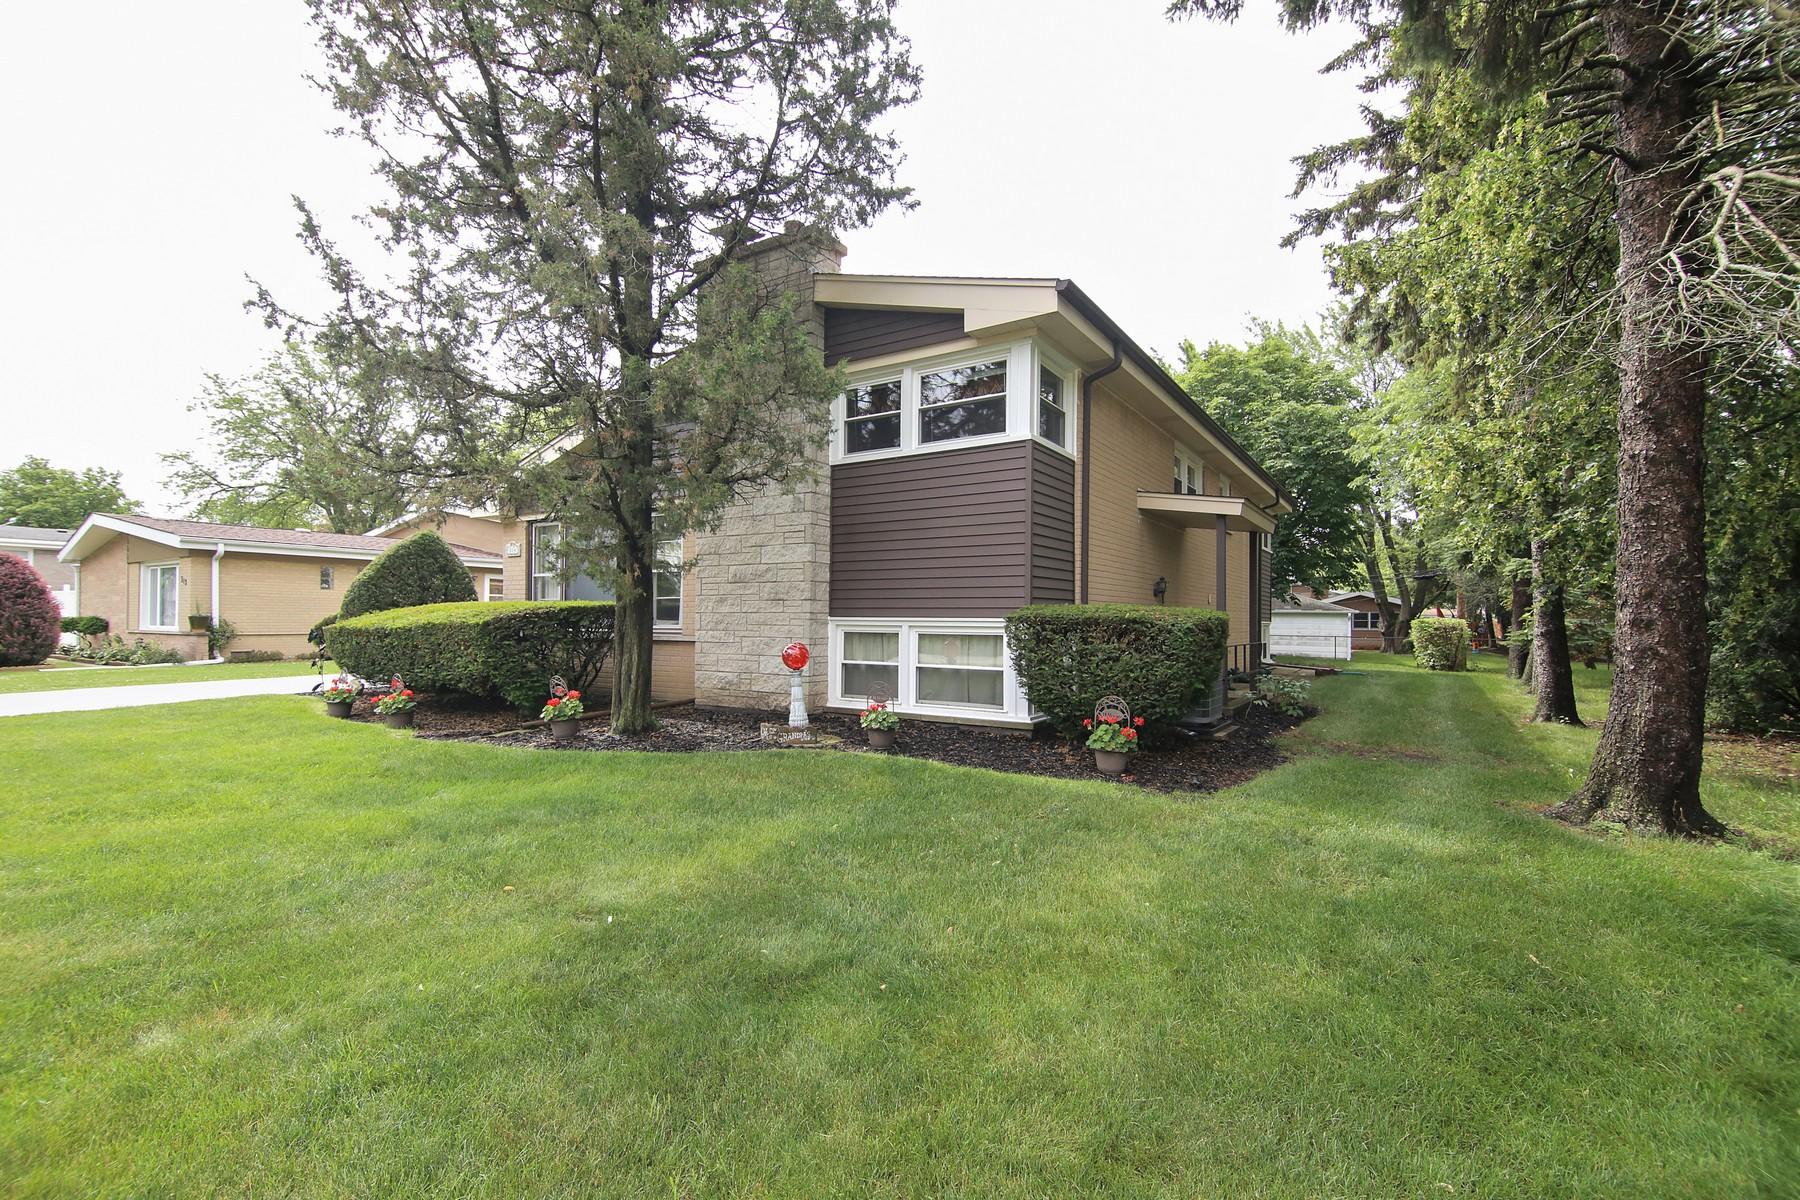 一戸建て のために 売買 アット Wonderful Family Home 314 Warren Road Glenview, イリノイ, 60025 アメリカ合衆国